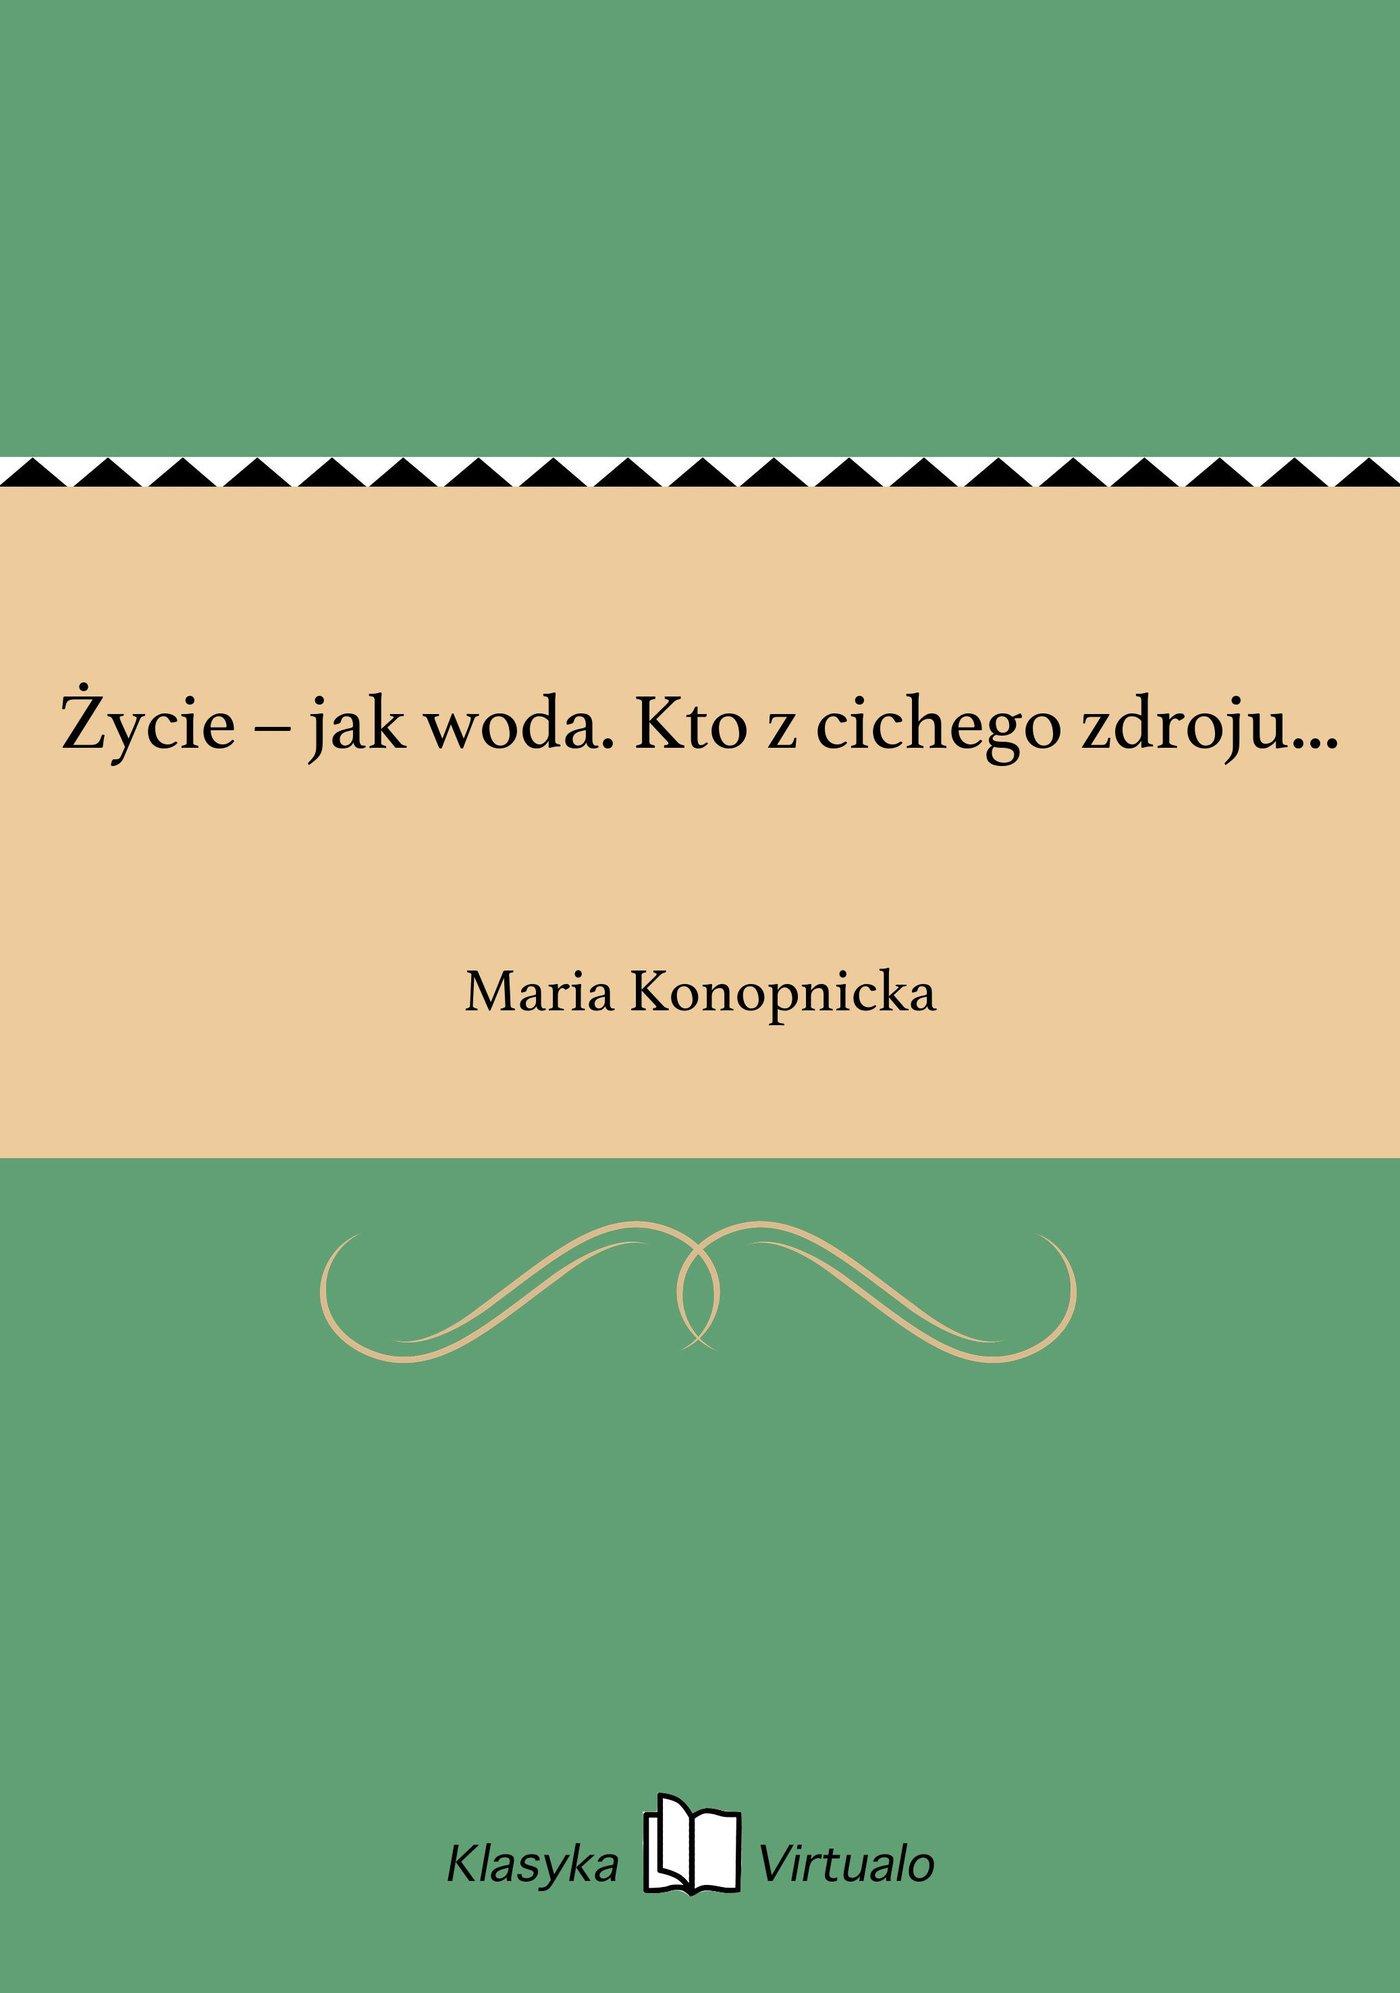 Życie – jak woda. Kto z cichego zdroju... - Ebook (Książka EPUB) do pobrania w formacie EPUB